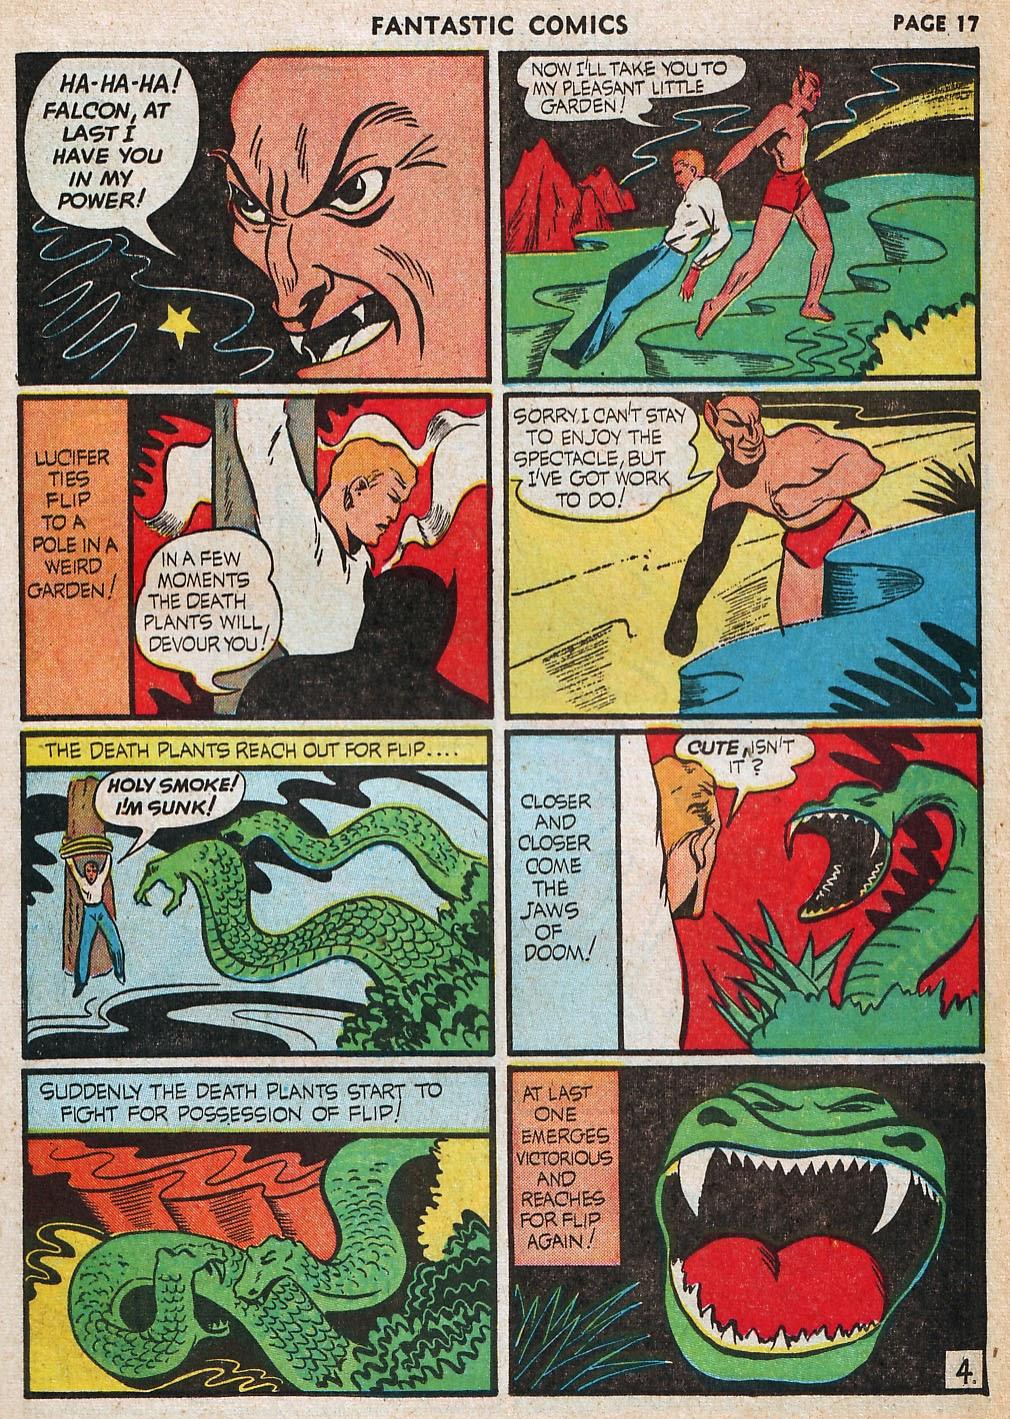 Read online Fantastic Comics comic -  Issue #20 - 18